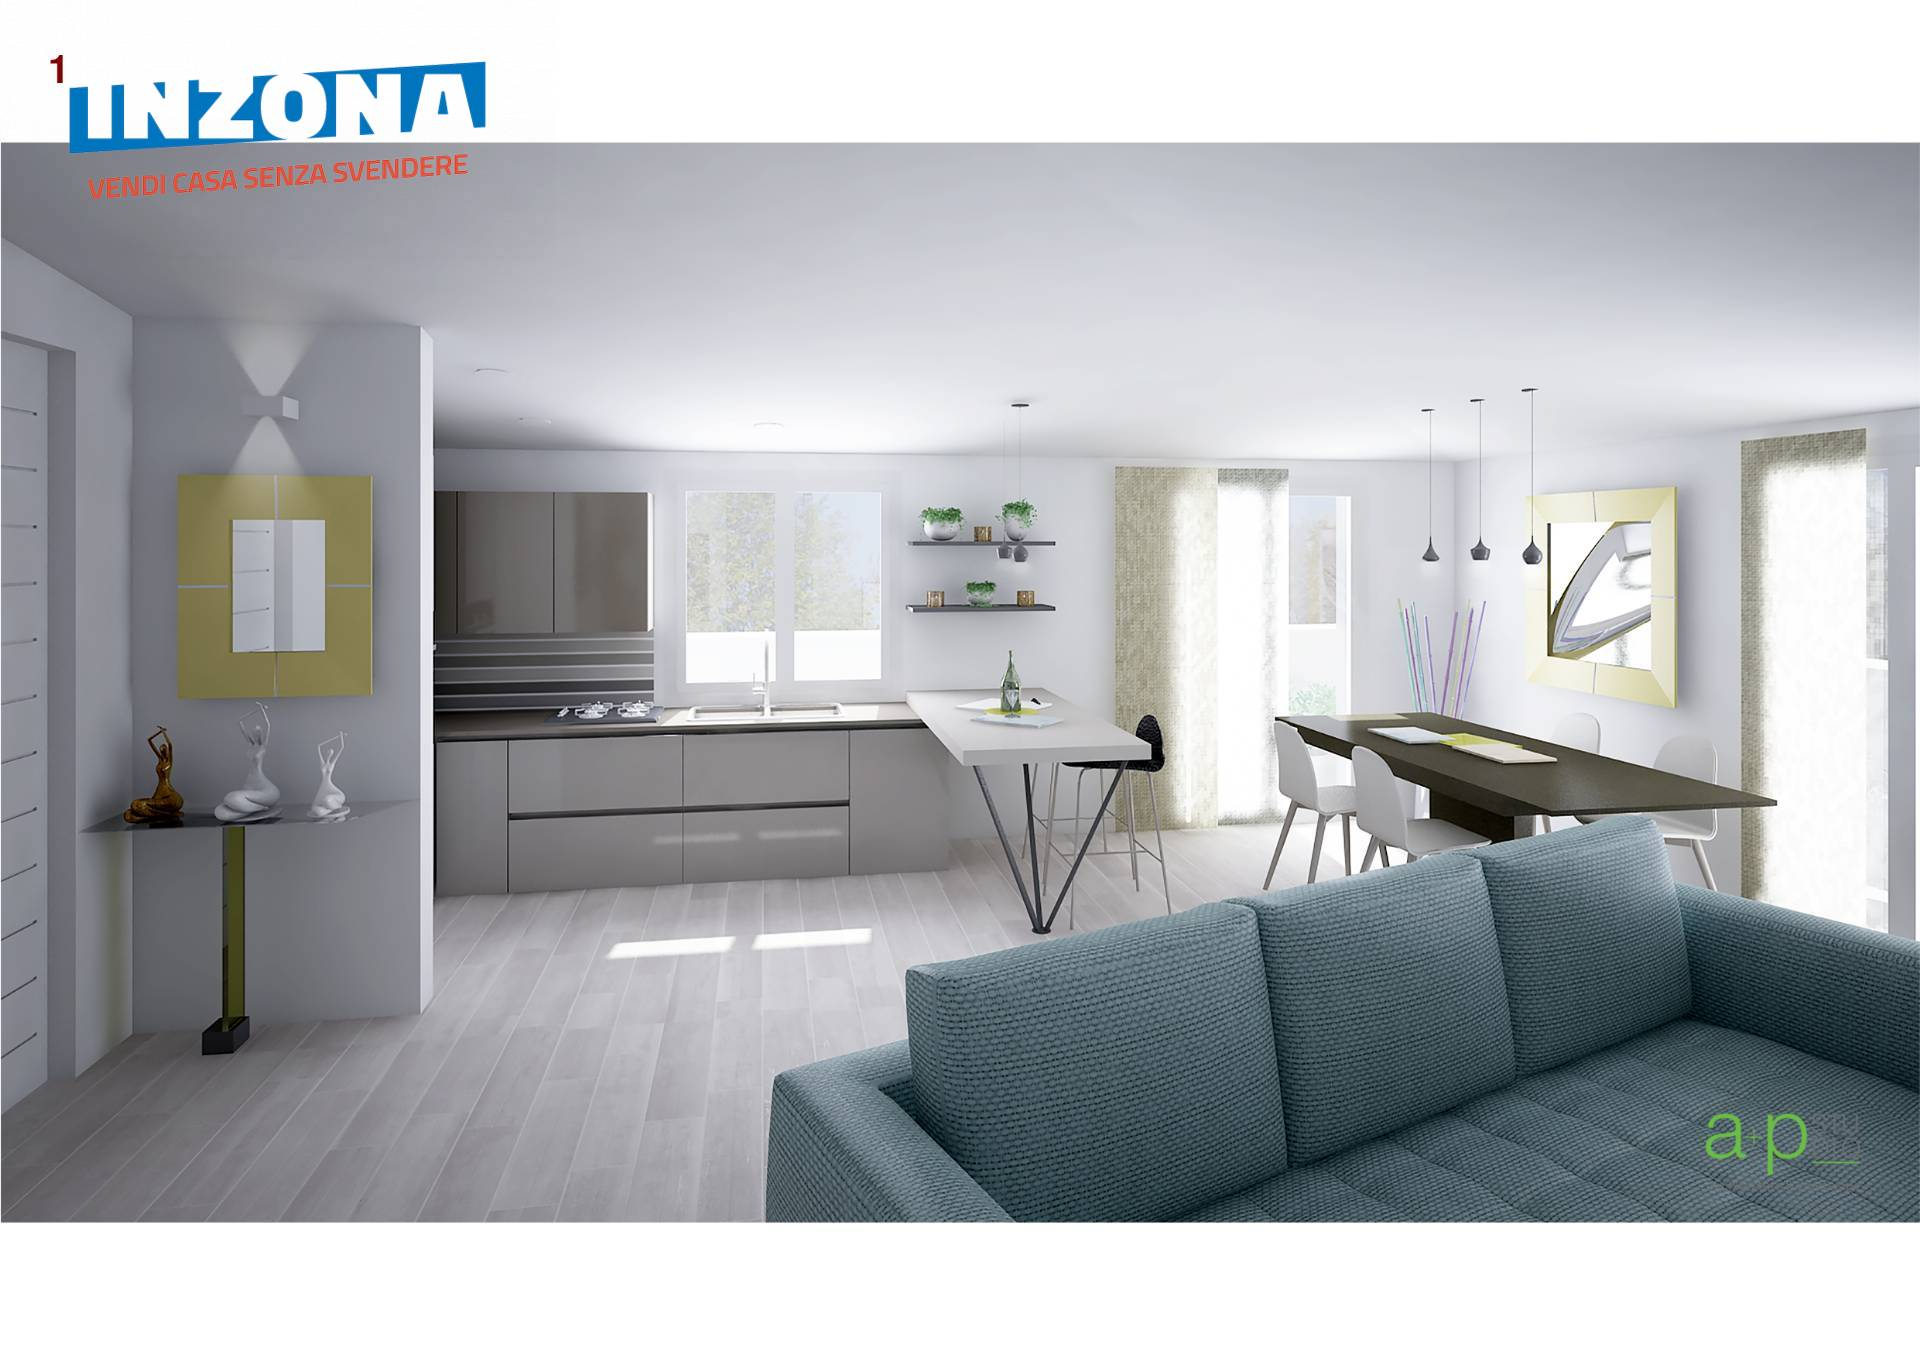 Appartamento in vendita a Castellalto, 4 locali, zona Zona: Casemolino, prezzo € 37.000   CambioCasa.it